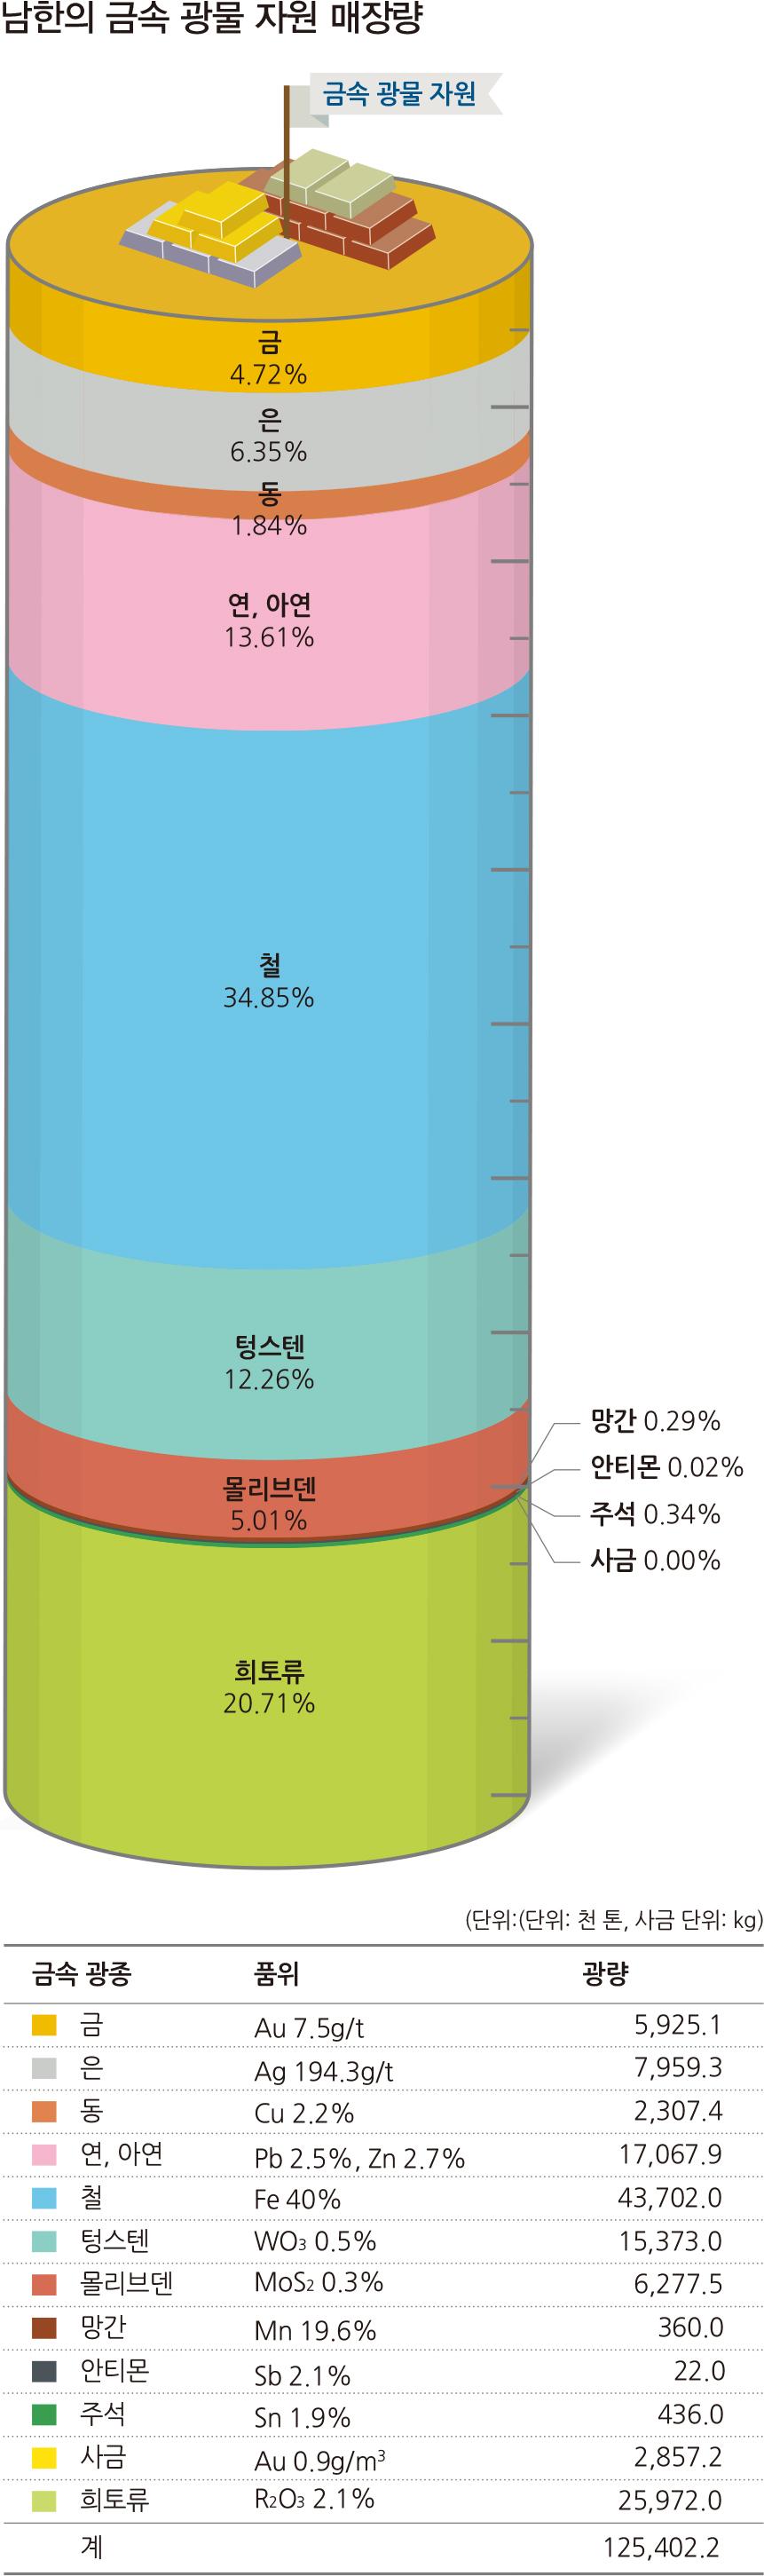 남한의 금속 광물 자원 매장량